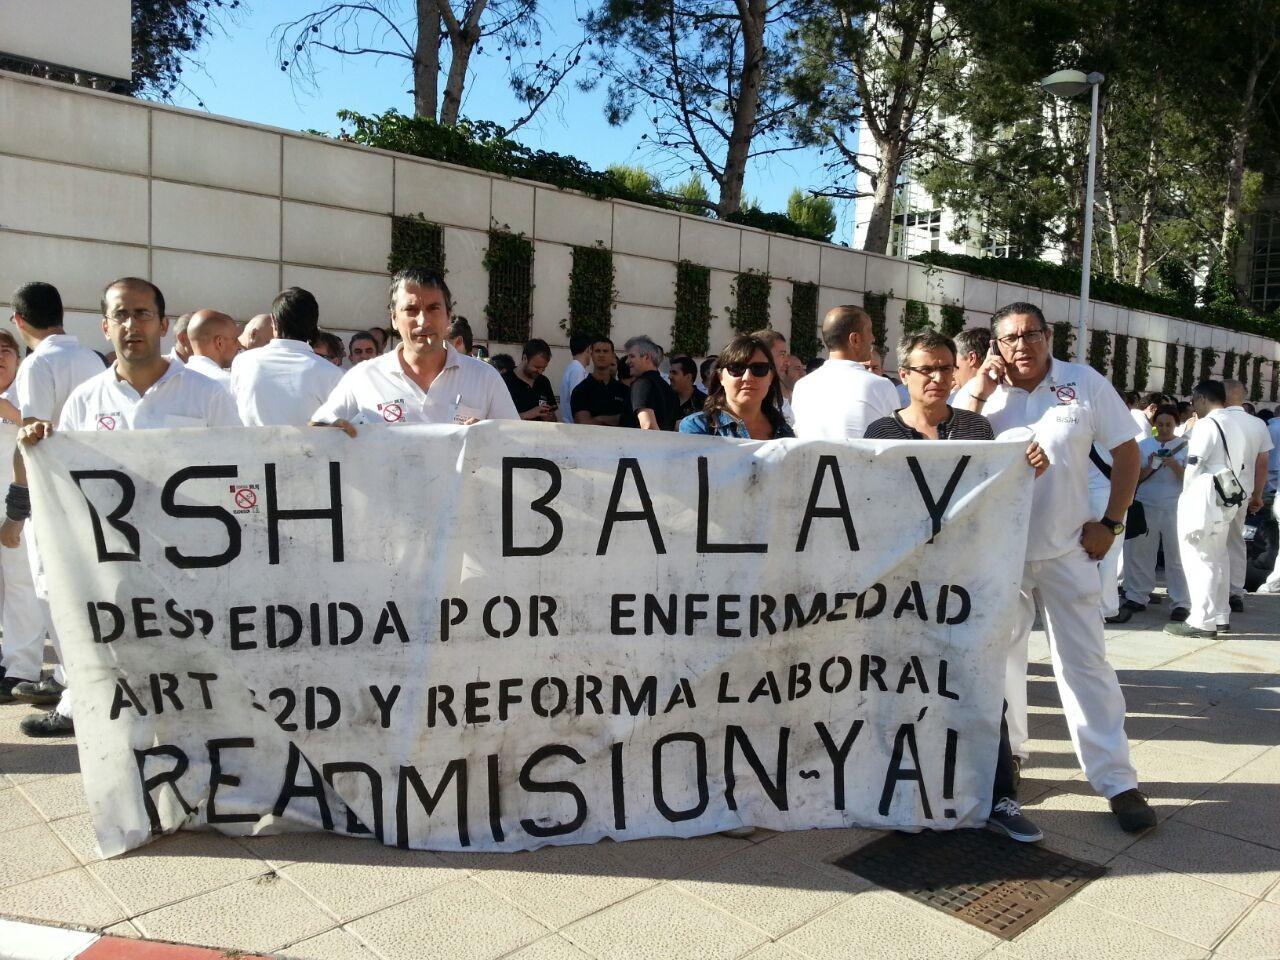 EXITO EN LOS PAROS DE BSH-BALAY EN ZARAGOZA